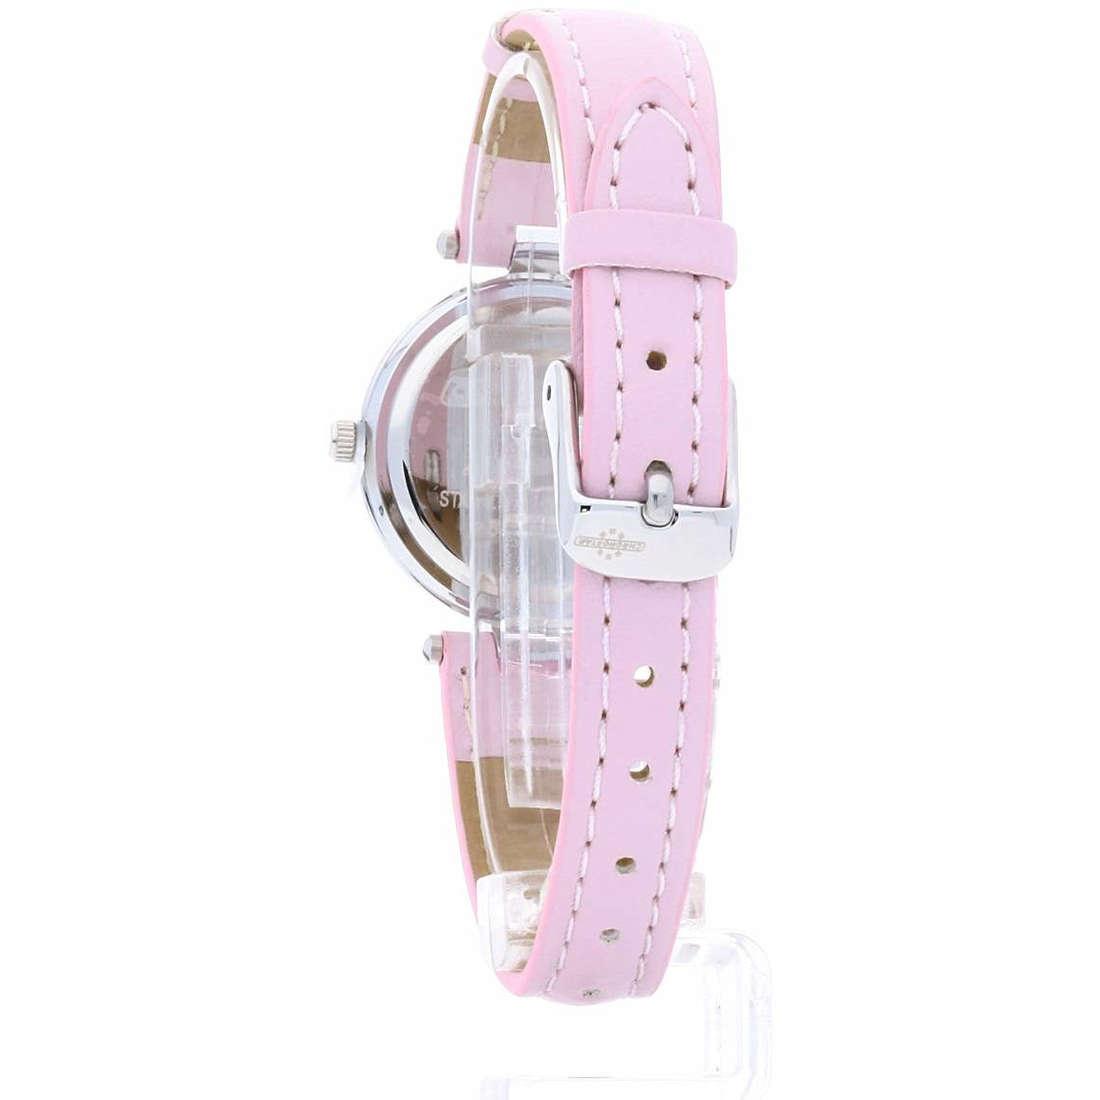 nouvelles montres femme Chronostar R3751243509